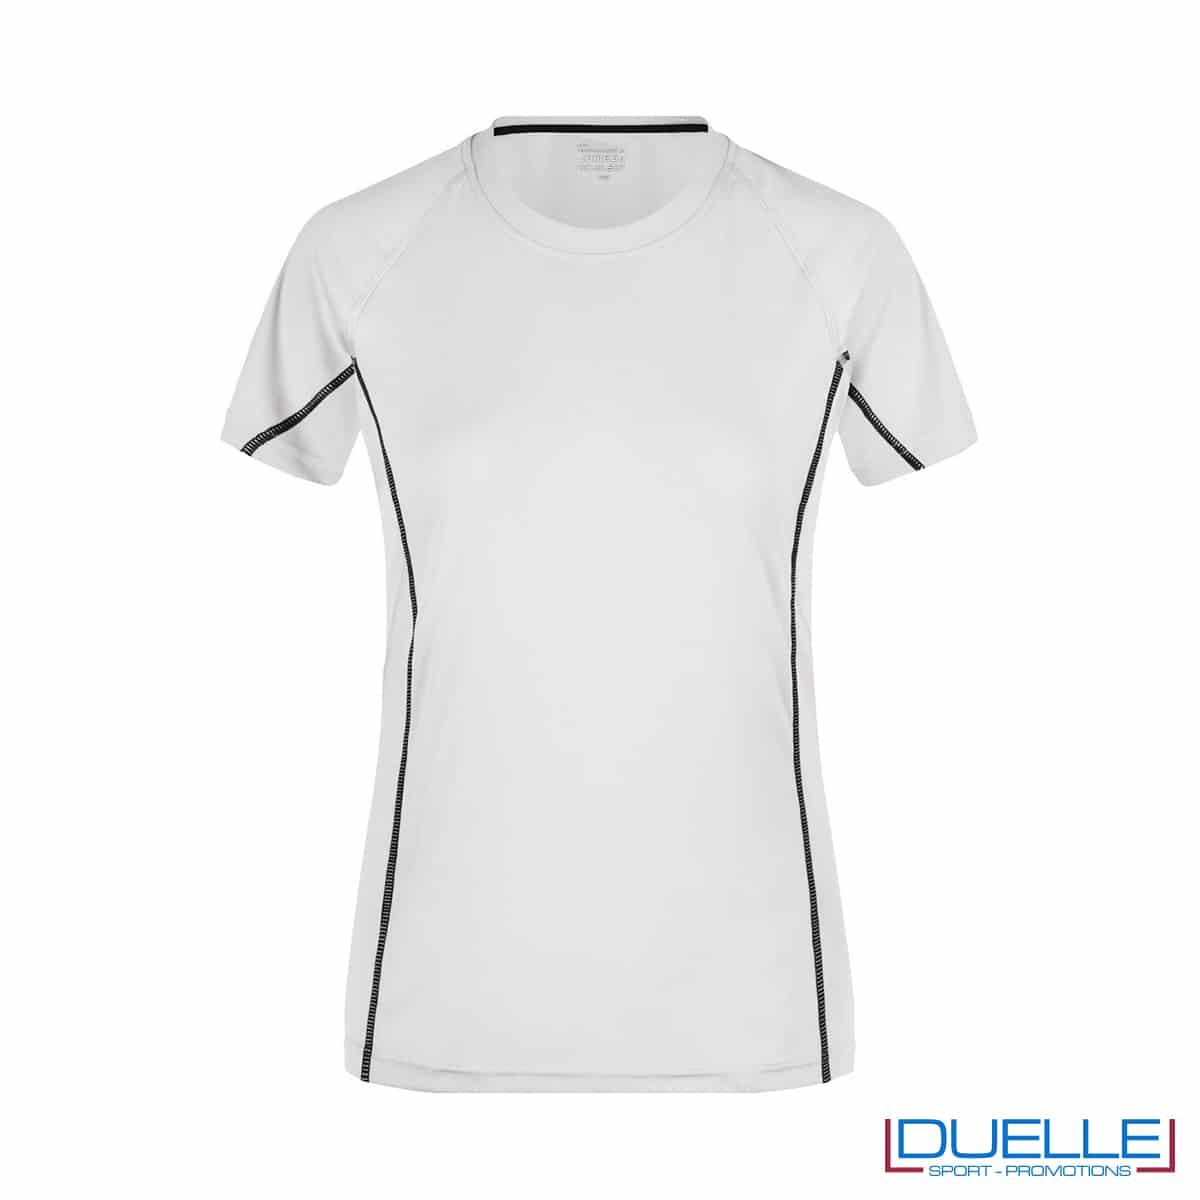 Maglia running Coolmax donna colore bianco/nero personalizzata